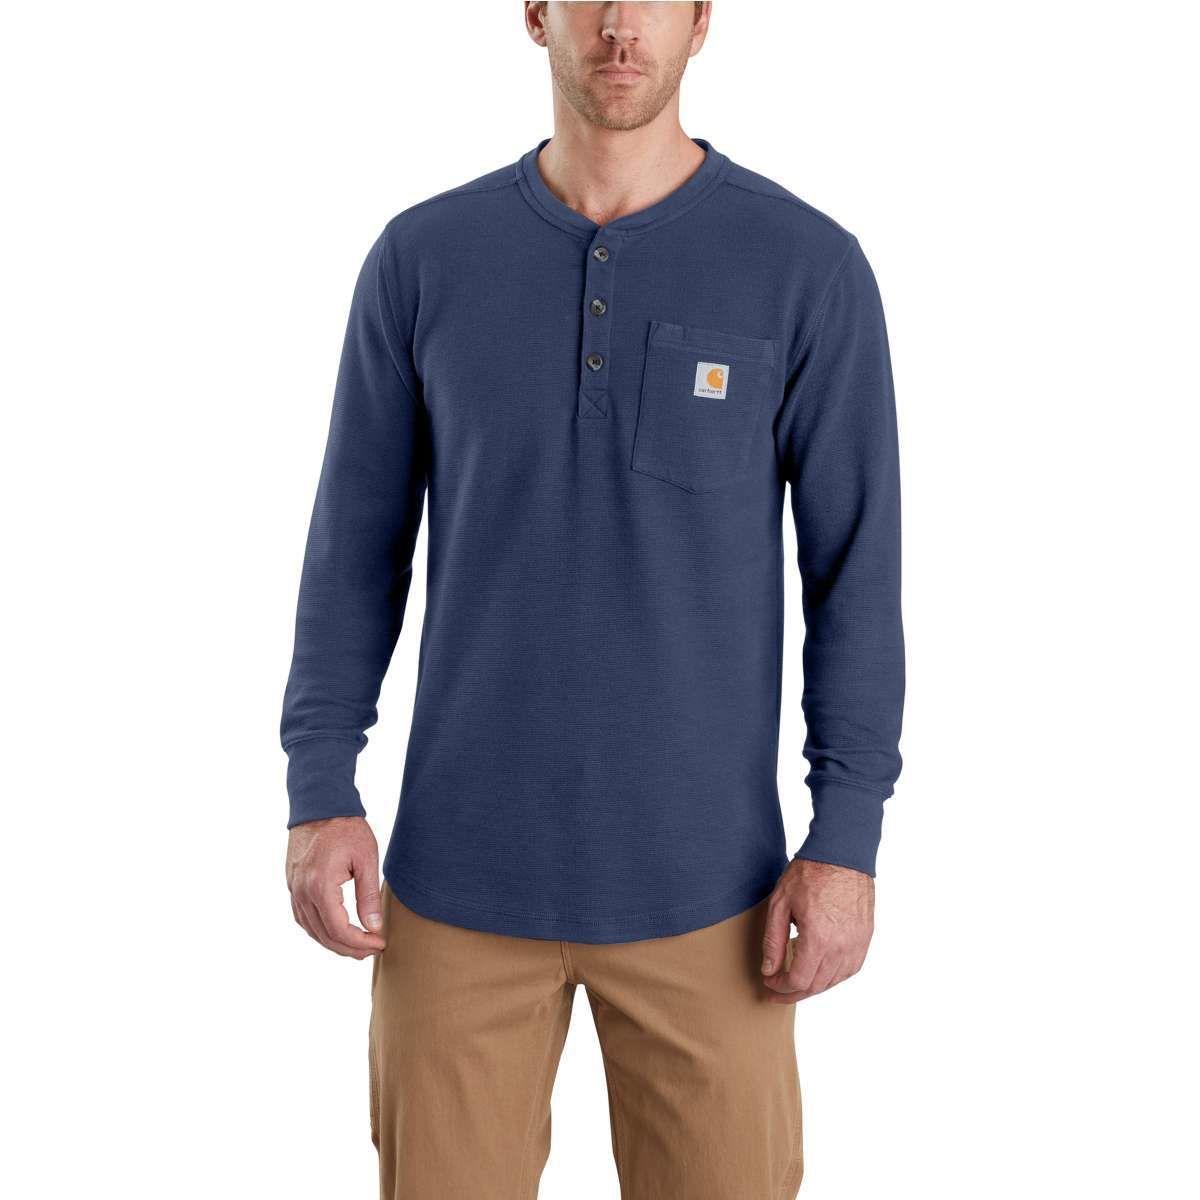 Carhartt Men's Tilden Long-Sleeve Henley Shirt - Blue, M